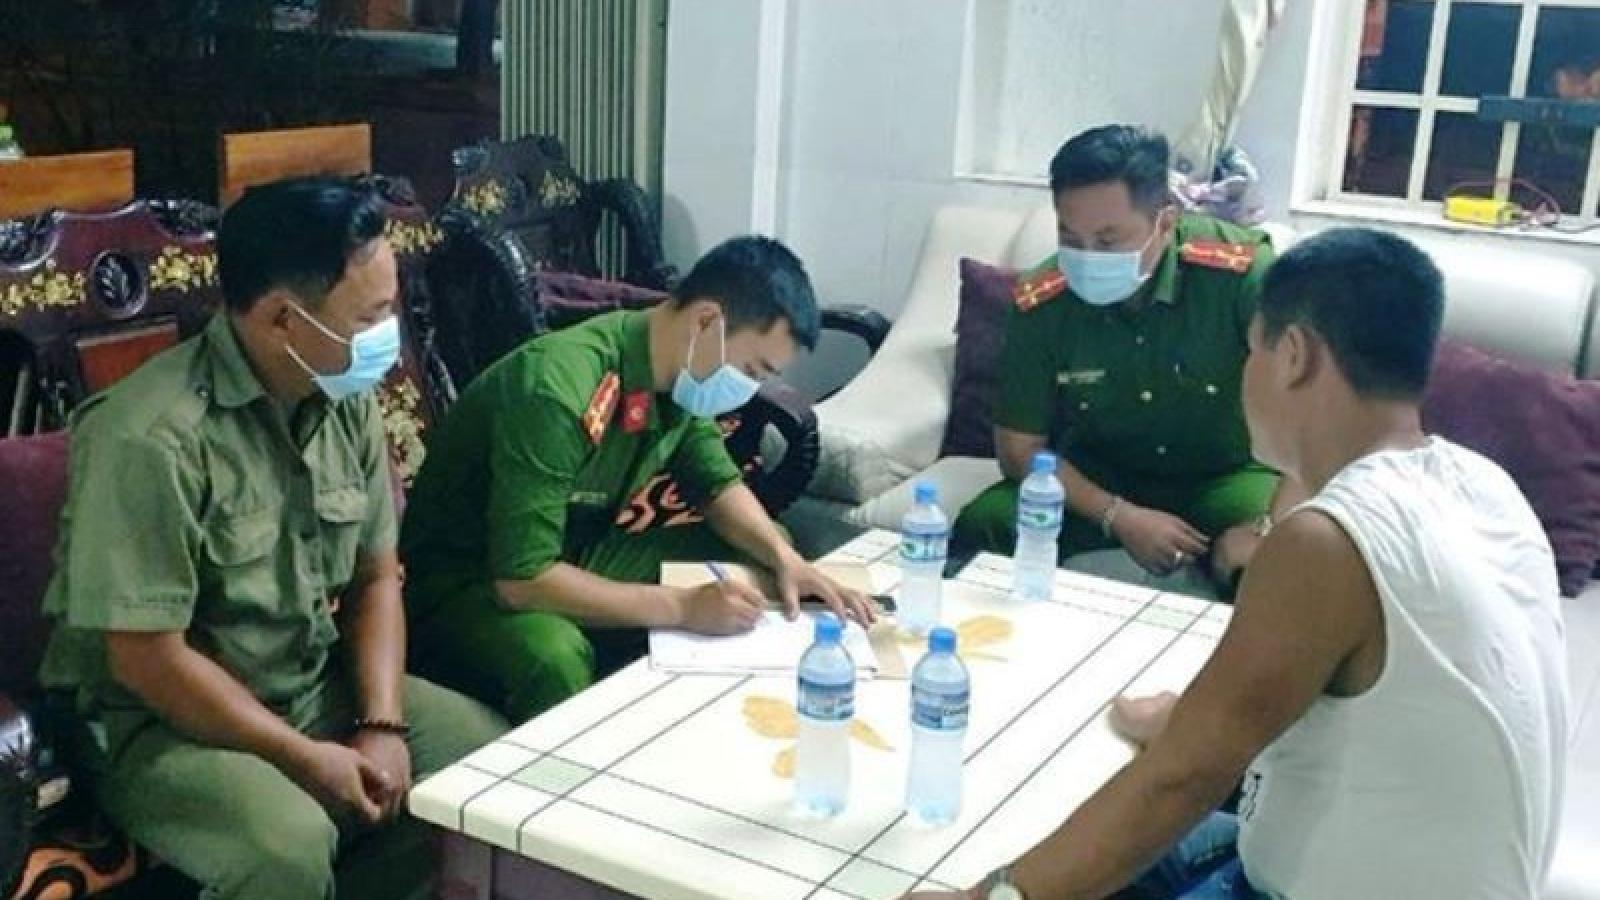 Lại có 21 người nước ngoài nhập cảnh trái phép ở Đà Nẵng